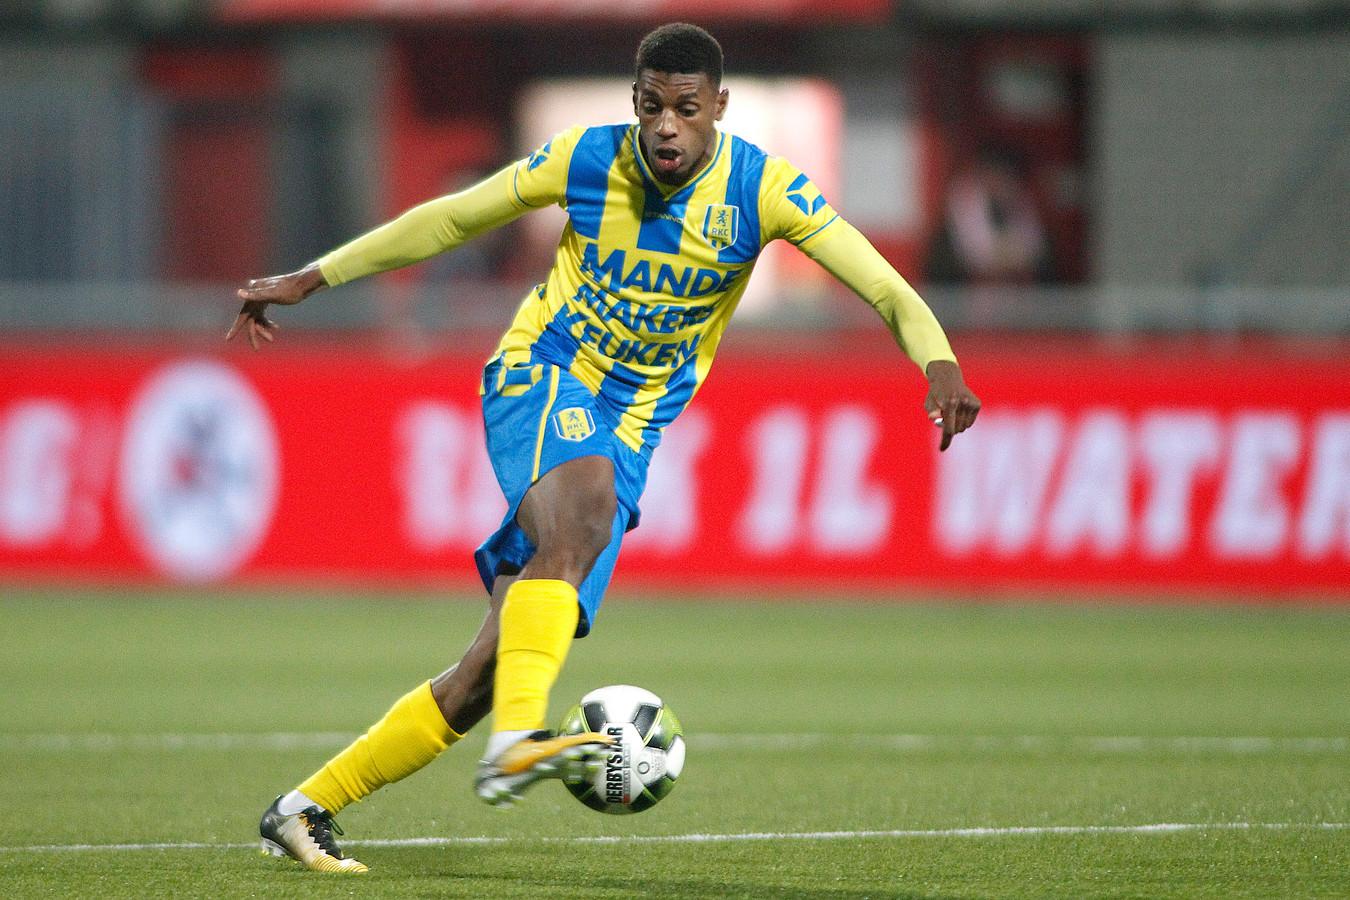 Said Bakari scoorde voor RKC Waalwijk 2 bij de competitie-ouverture tegen Roda JC 2.